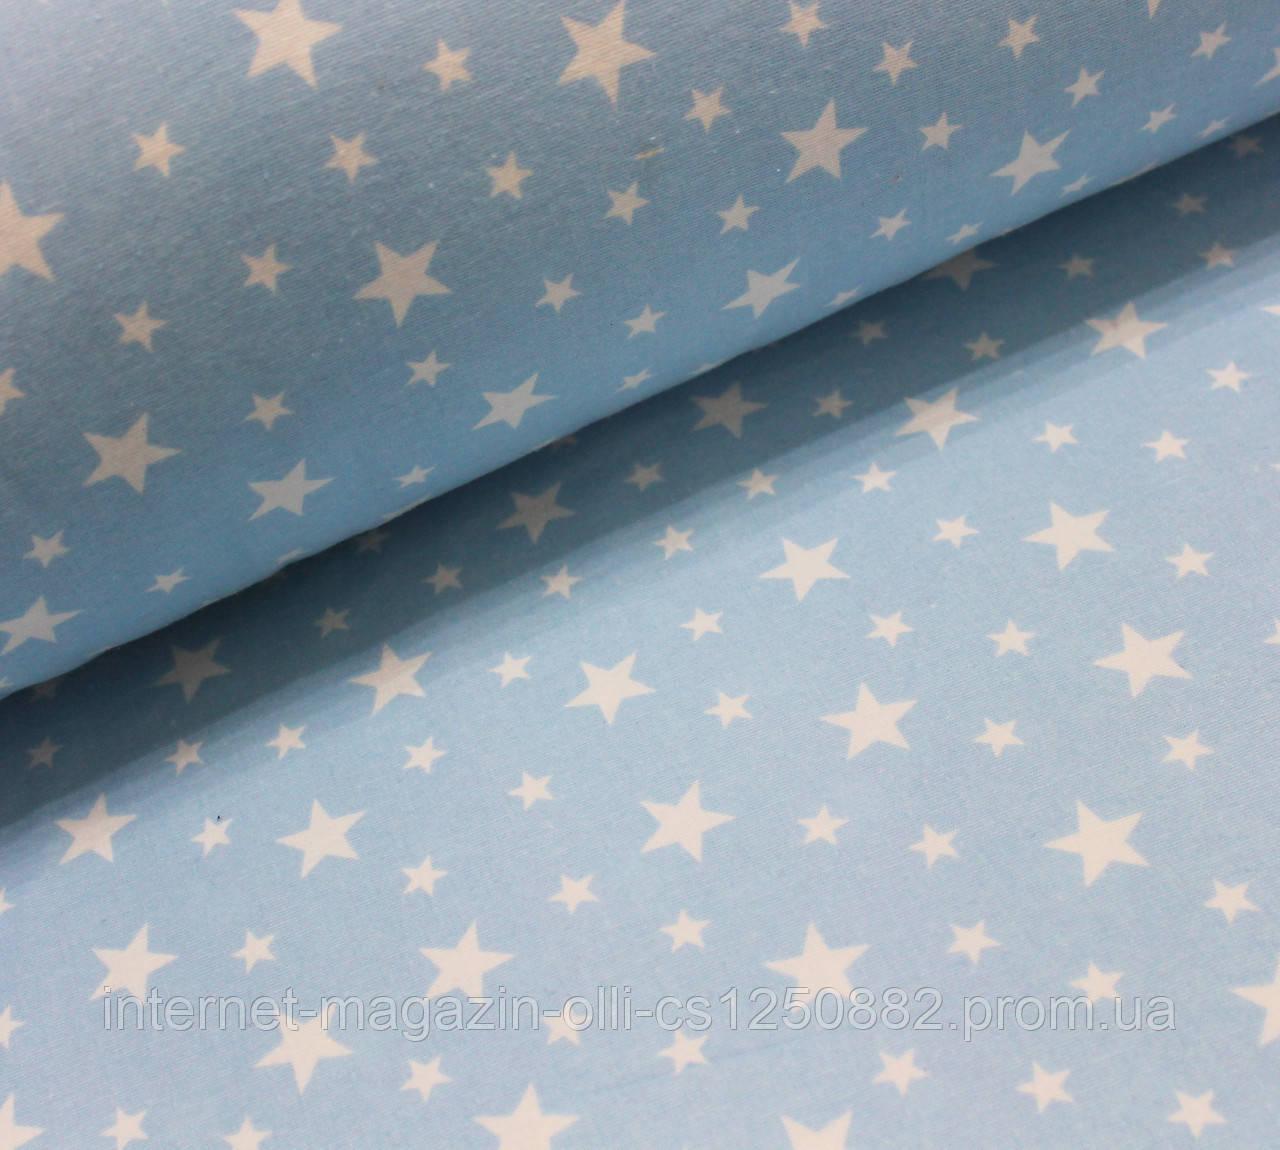 Фланелевая ткань (ТУРЦИЯ шир. 2,4) Белый звездопад на голубом